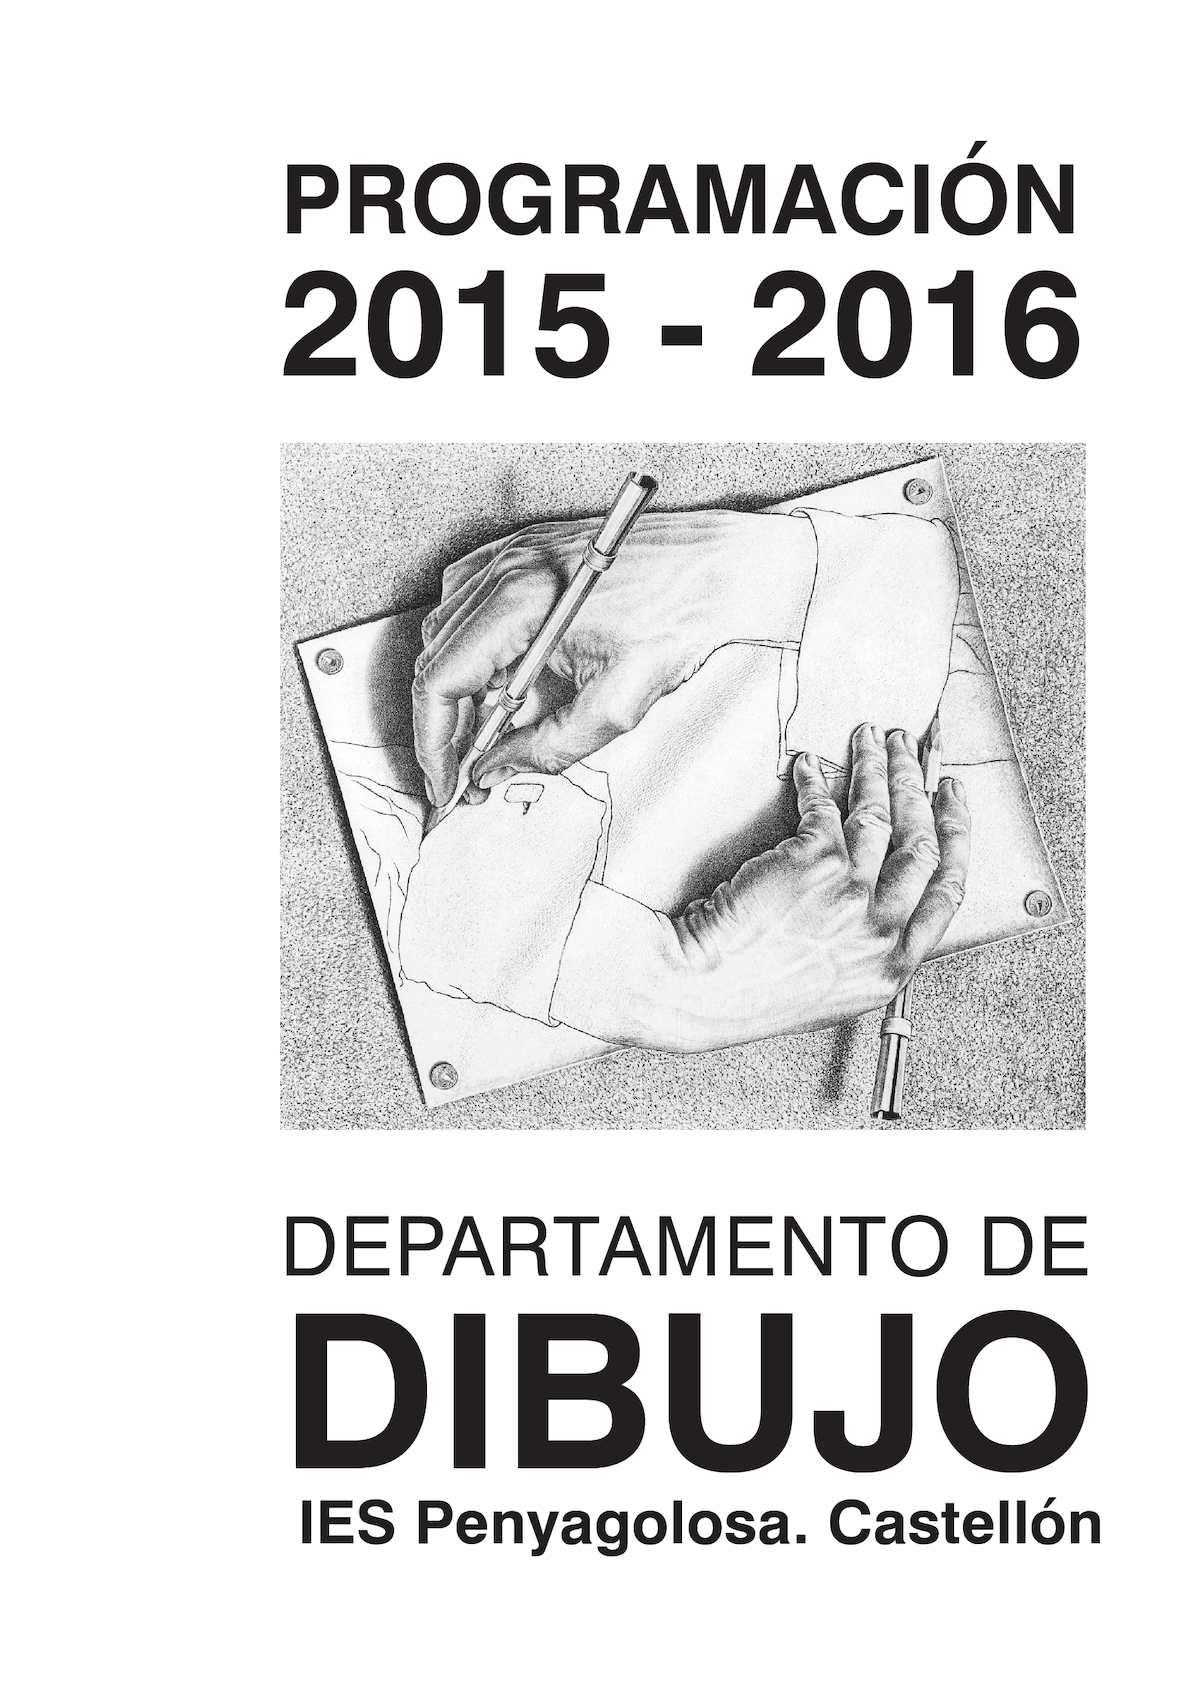 Programación 2015 16